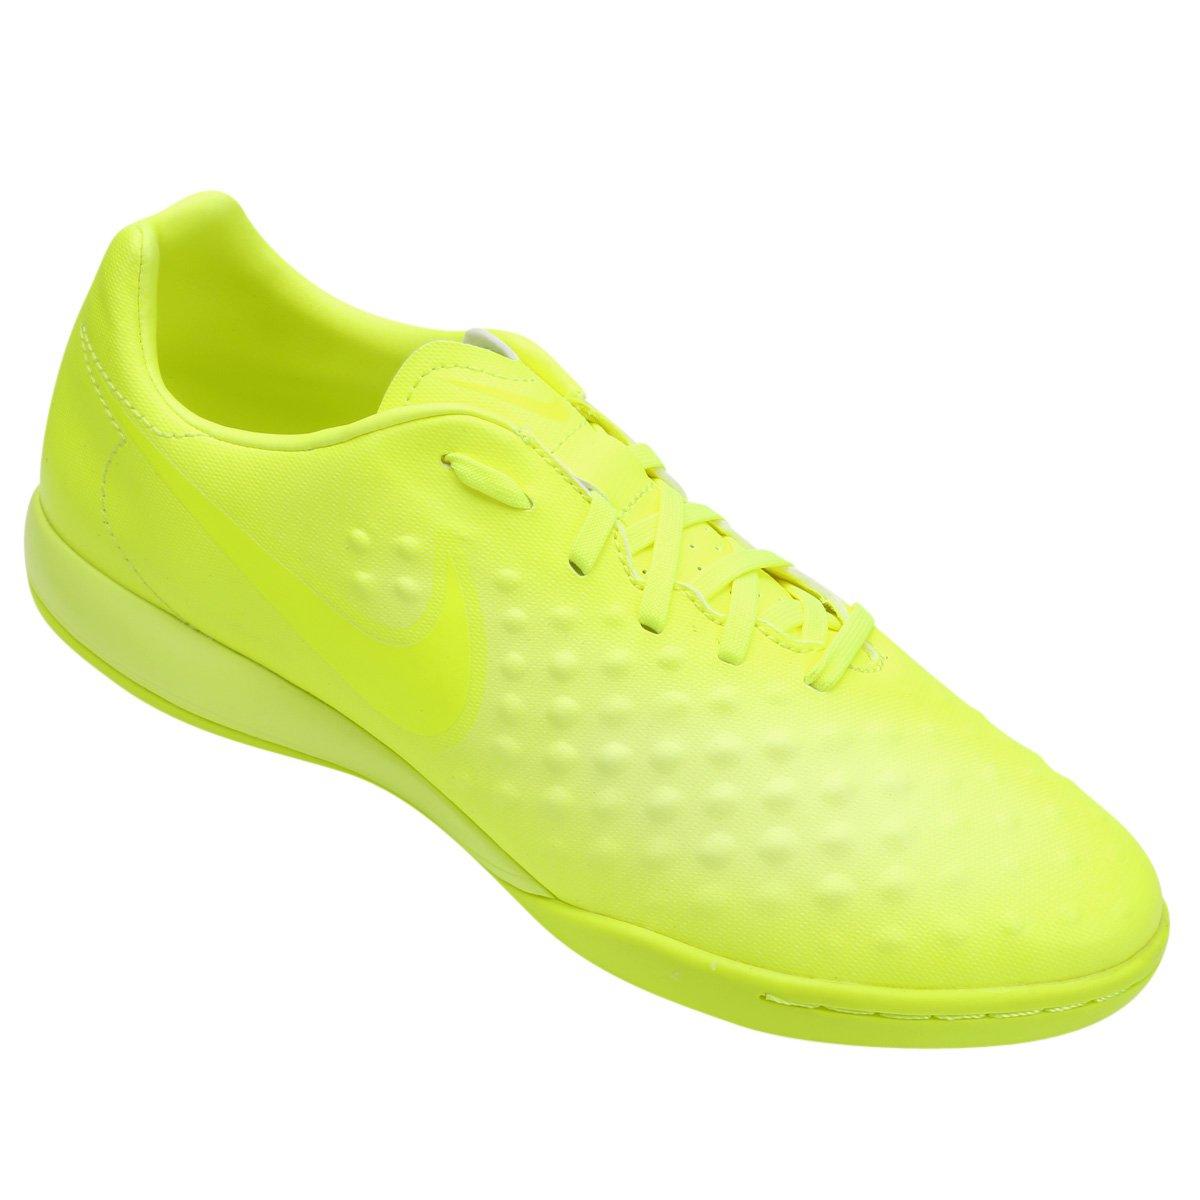 6f68f18f10 Chuteira Futsal Nike Magista Onda II IC - Compre Agora